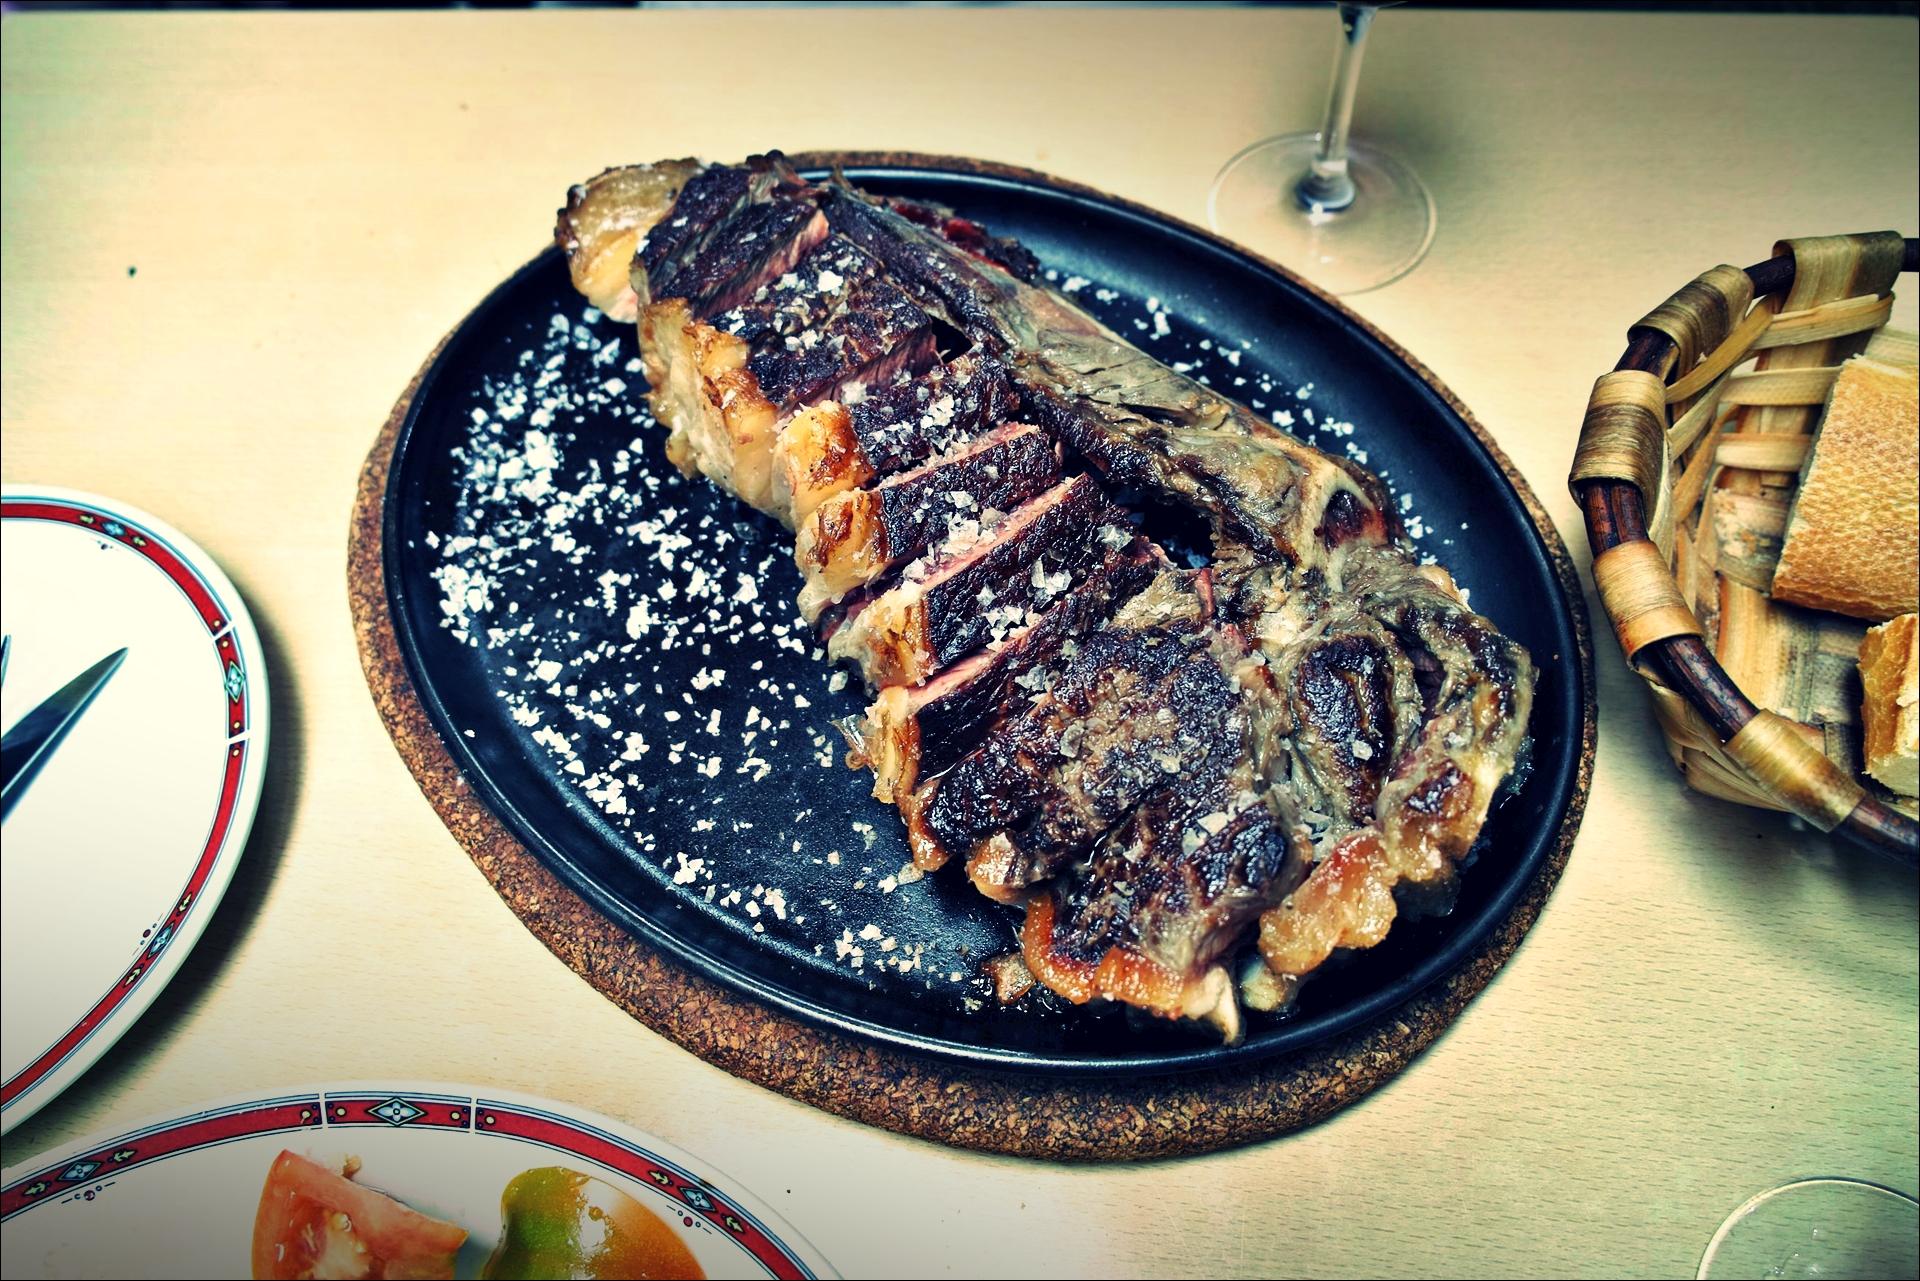 네스토르 바 소갈비 구이(Bar Nestor ,Chuleta de Buey)-'산 세바스티안 둘러보기(Sightseeing San Sebastian, Spain)'